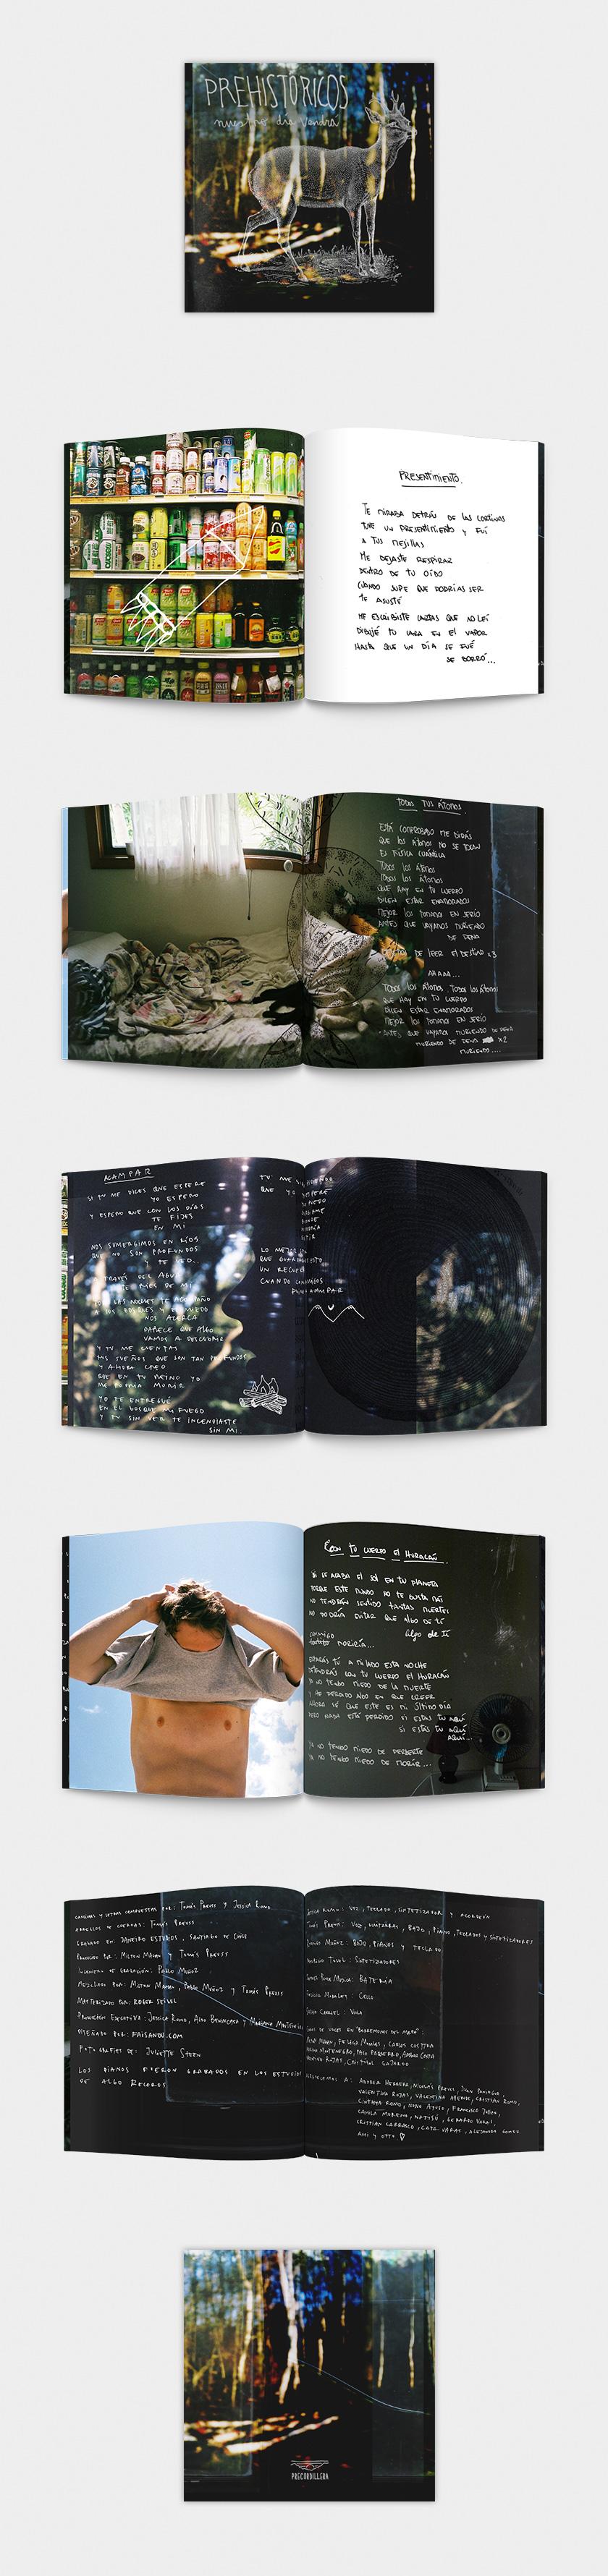 book-prehistoricos